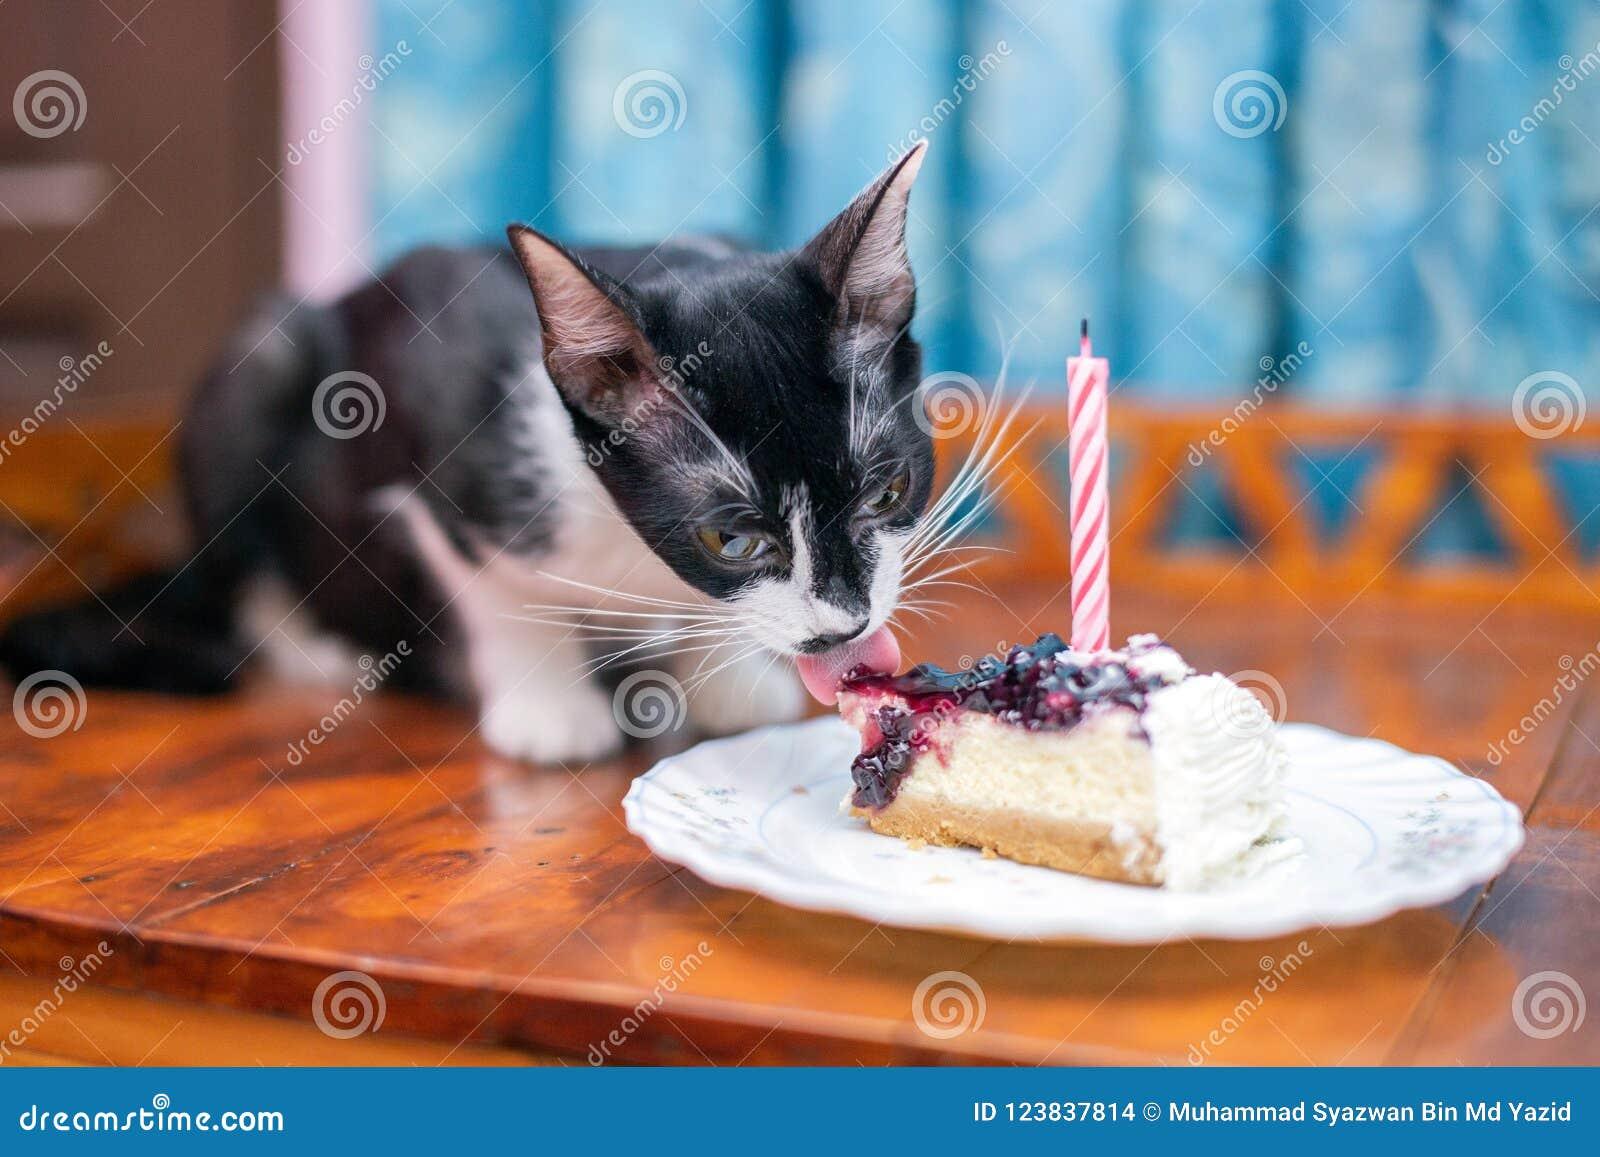 猫舔她的第一生日蛋糕